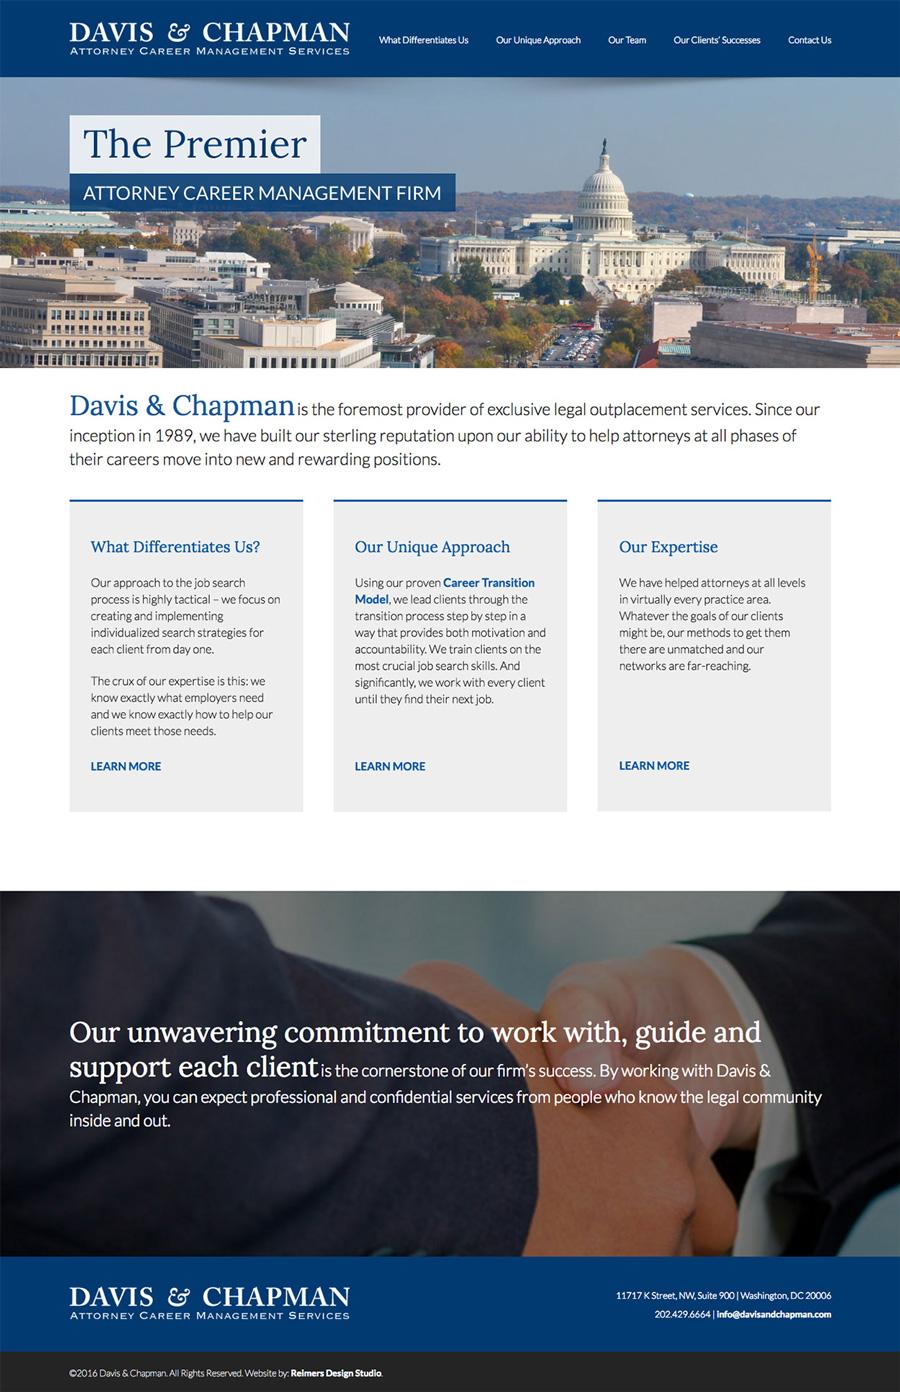 Davis and Chapman Website Design